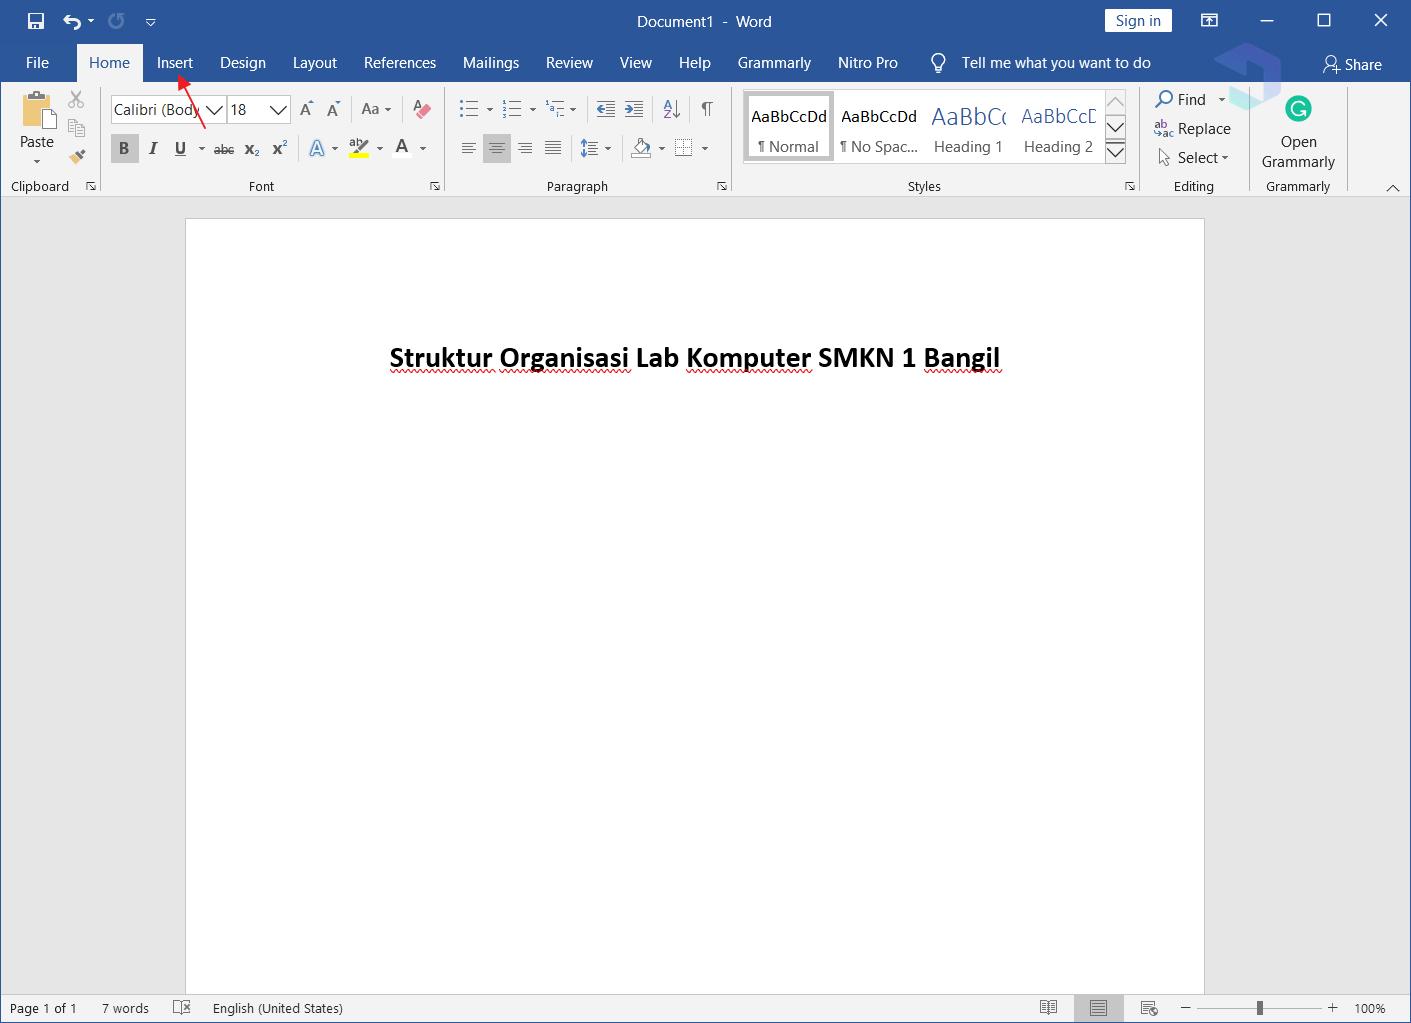 cara membuat struktur organisasi di word secara manual